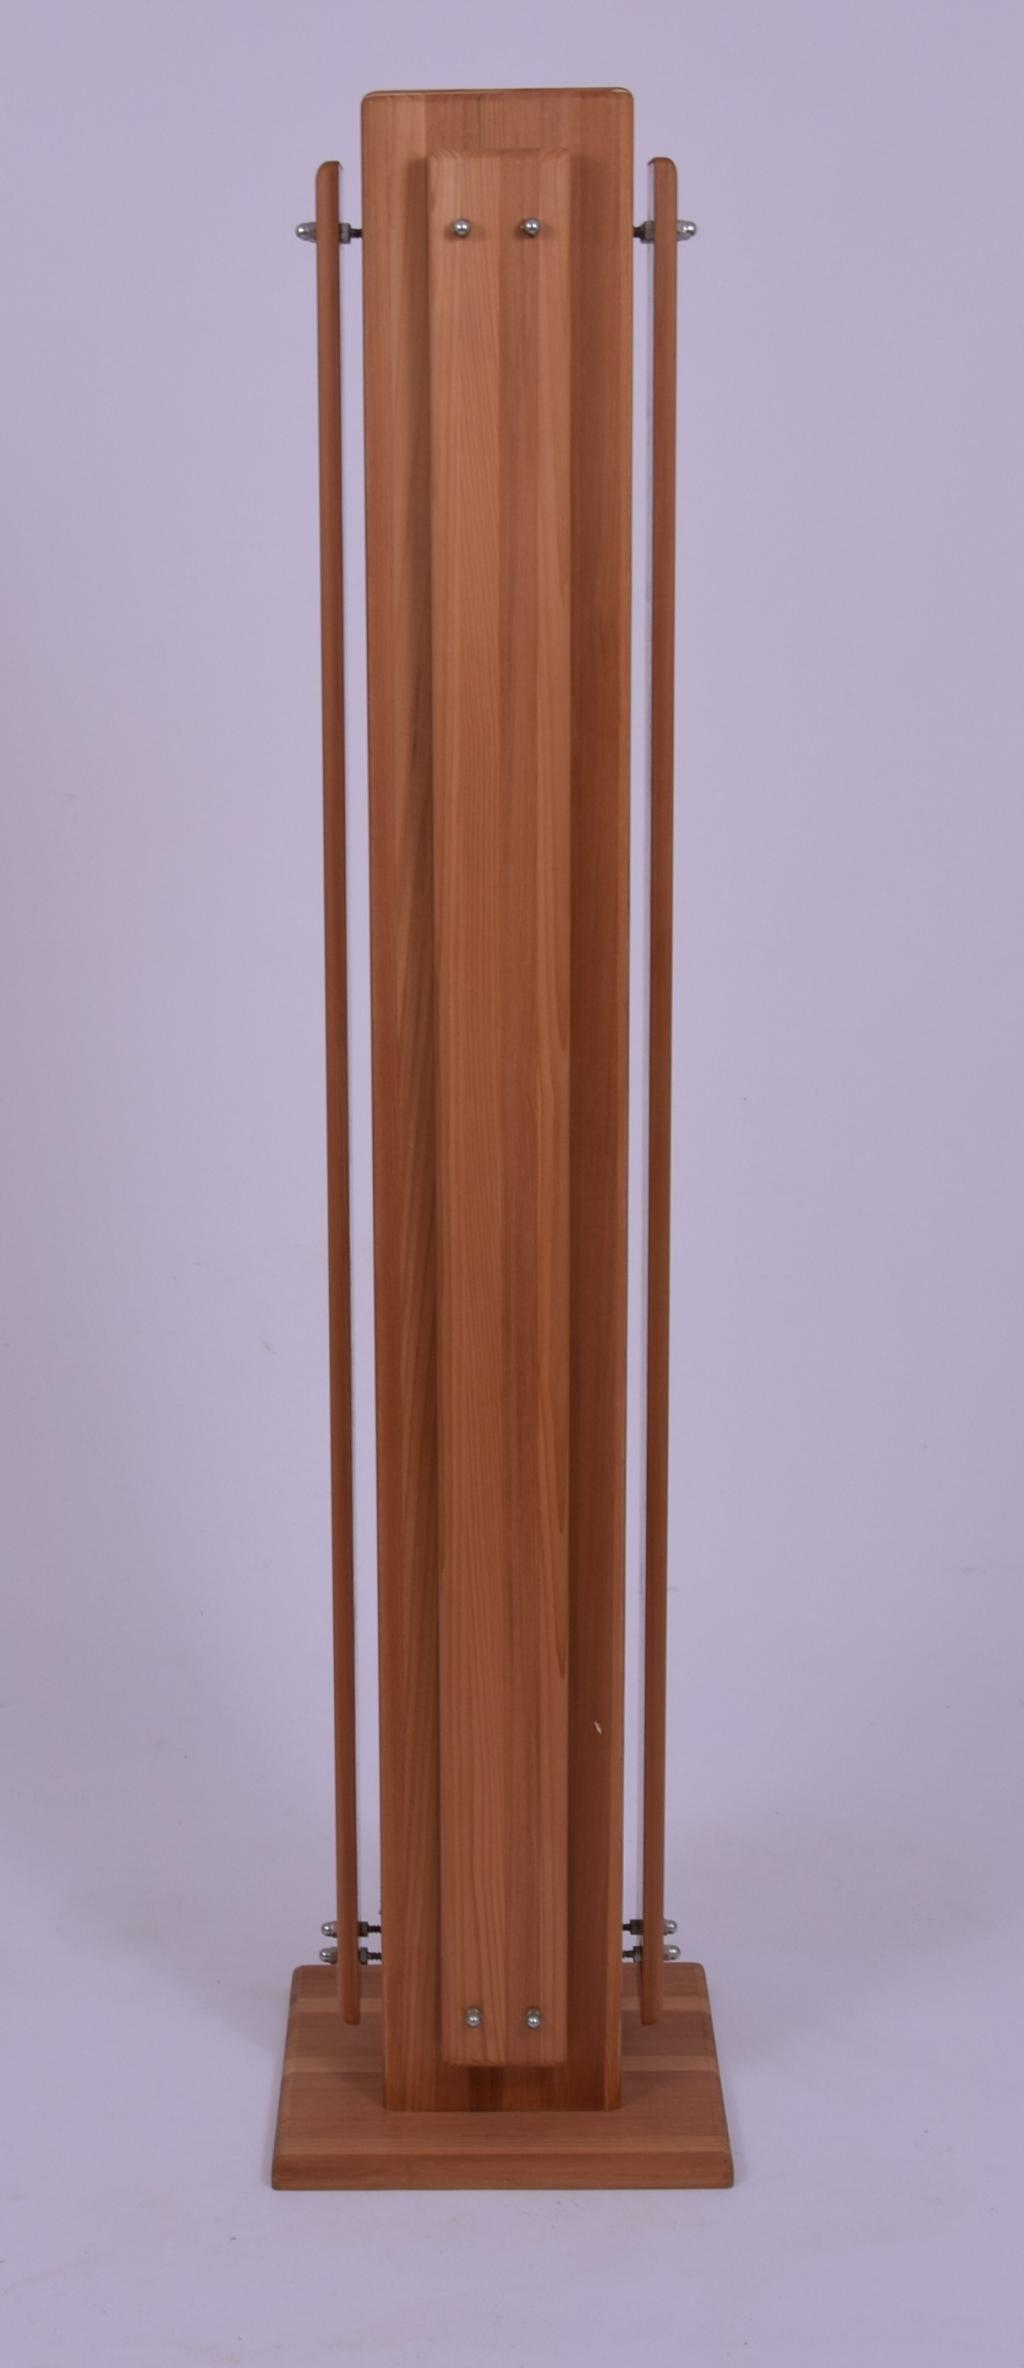 Lampa drewniana, podłogowa, mix kolorów, cedr,deco